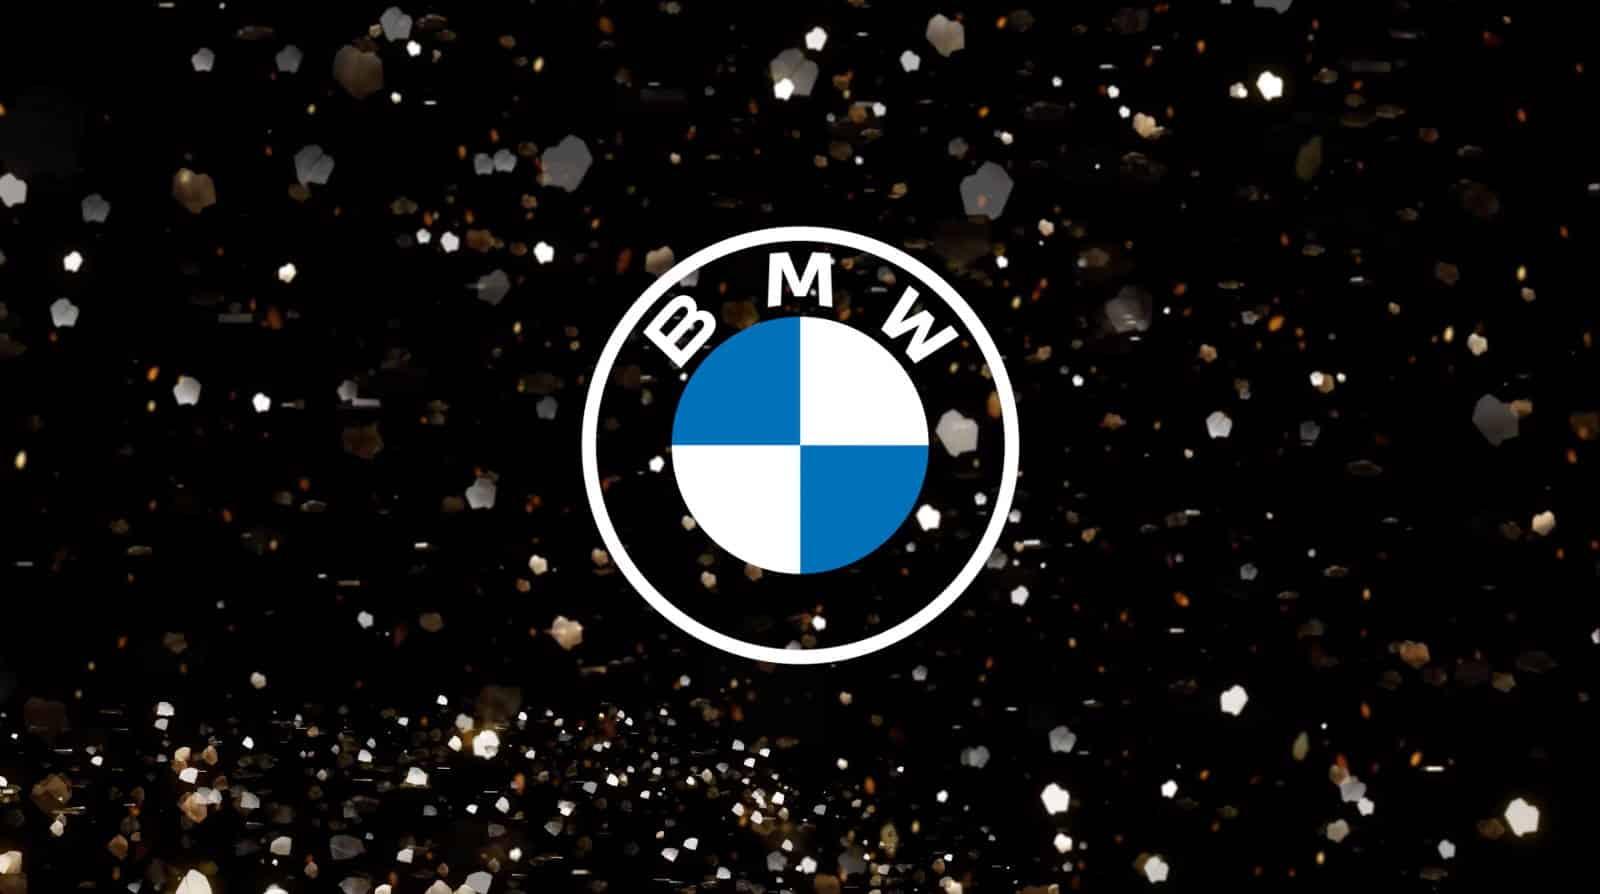 Nuovo logo per BMW. Moderno e minimalista. Siamo sicuri?